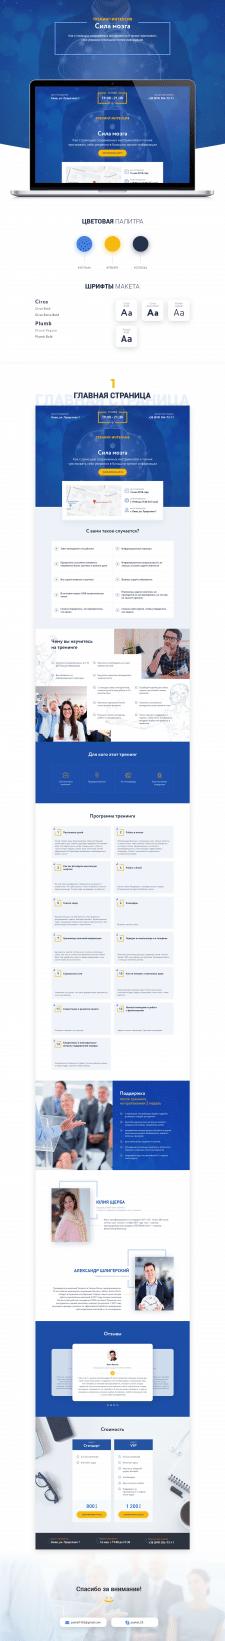 Дизайн сайта Тренинг-интенсив